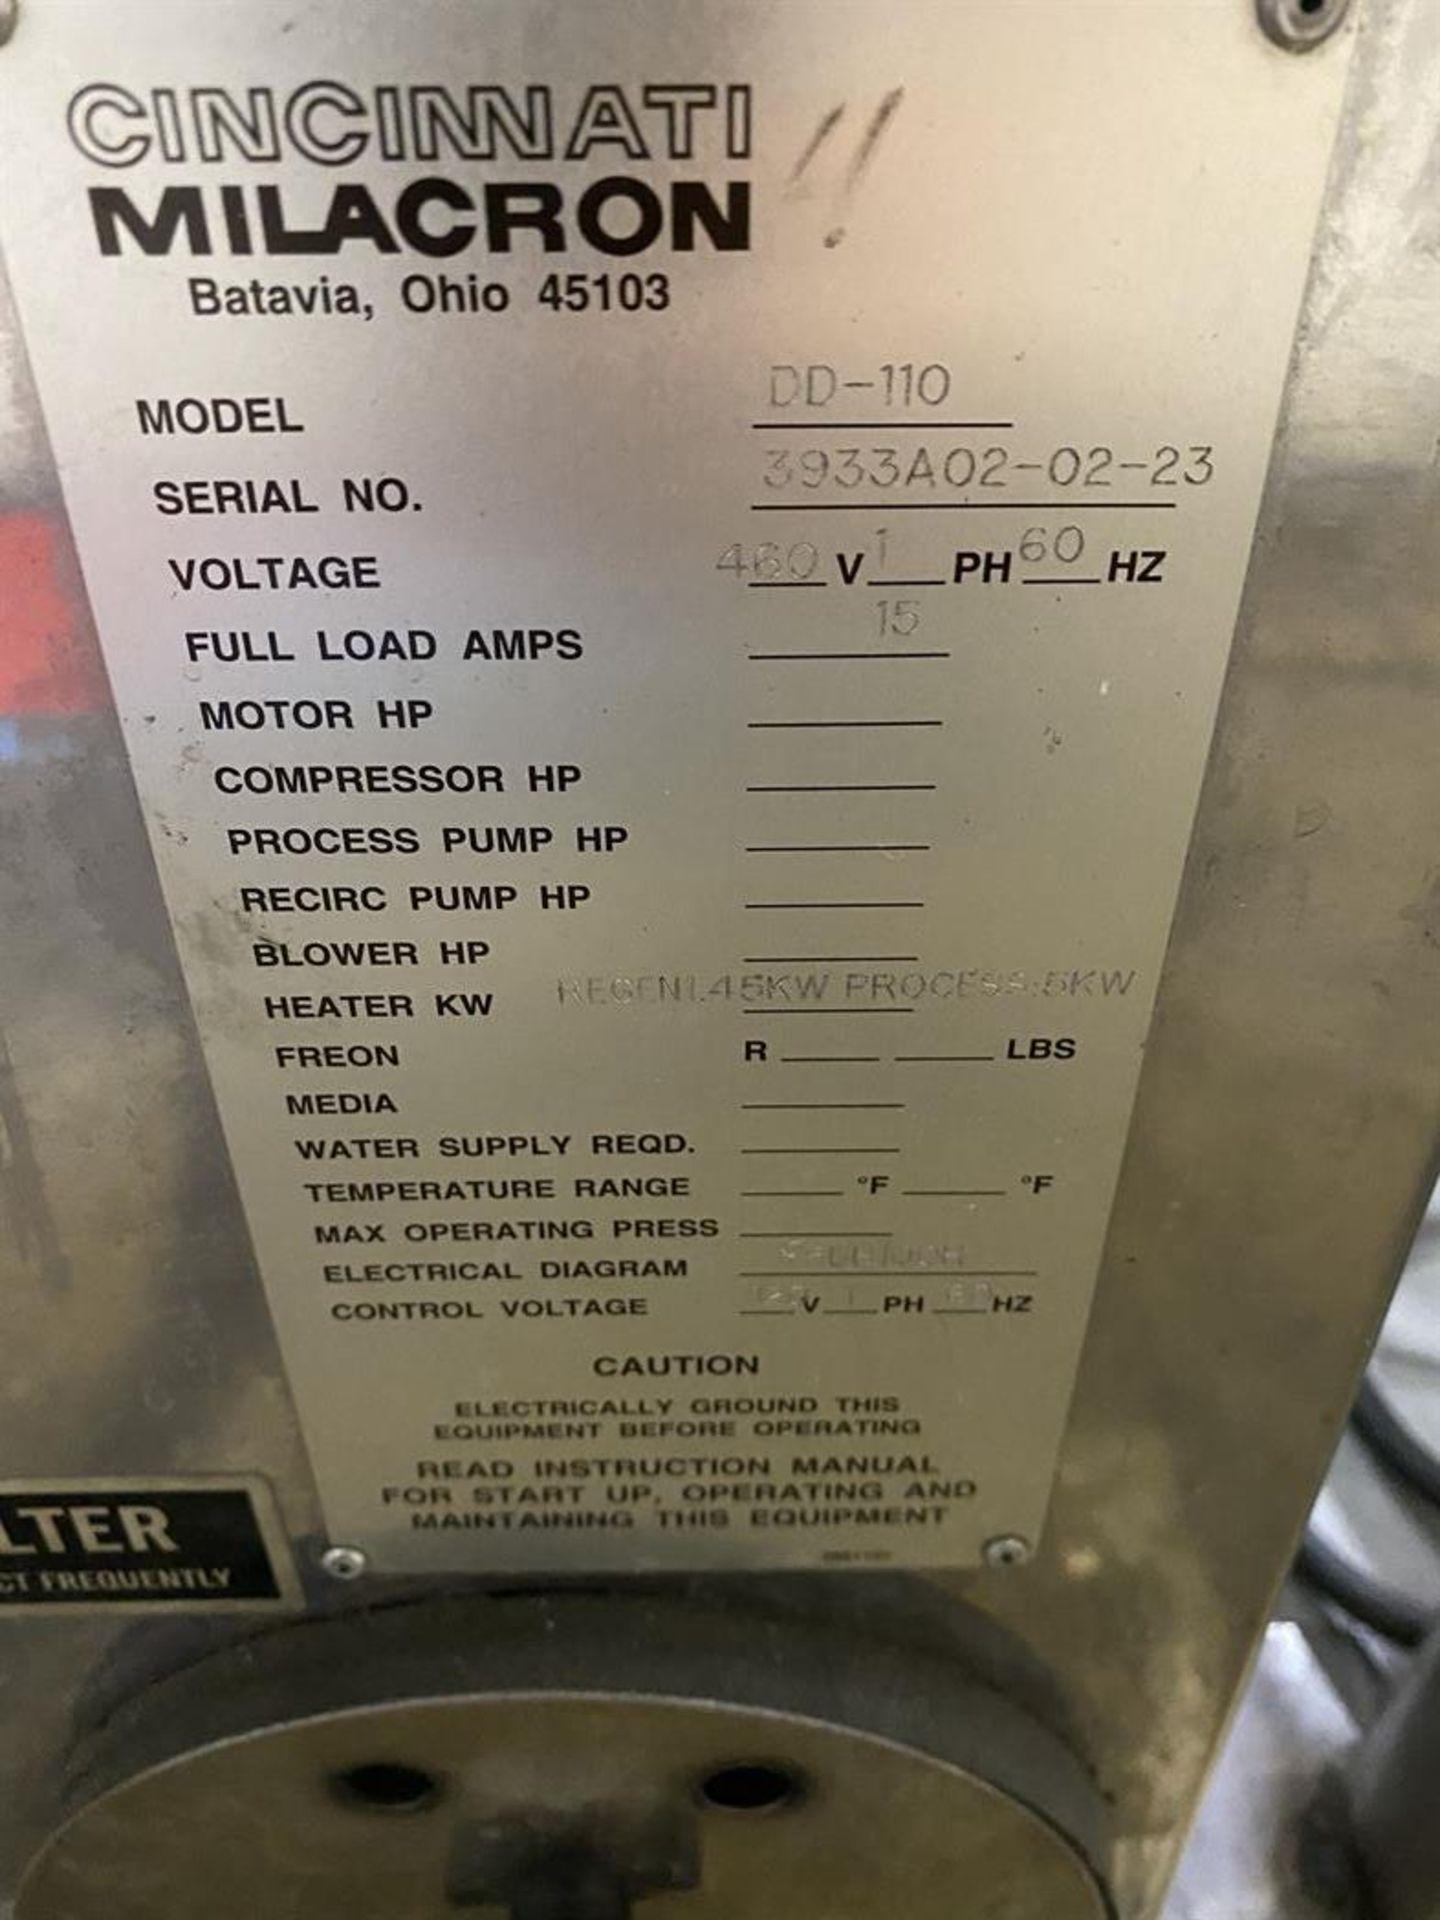 Lot 212 - Cincinnati Milacron DD-110 Hopper Dryer System, s/n 3933A02-02-23, w/ Vacuum Loader